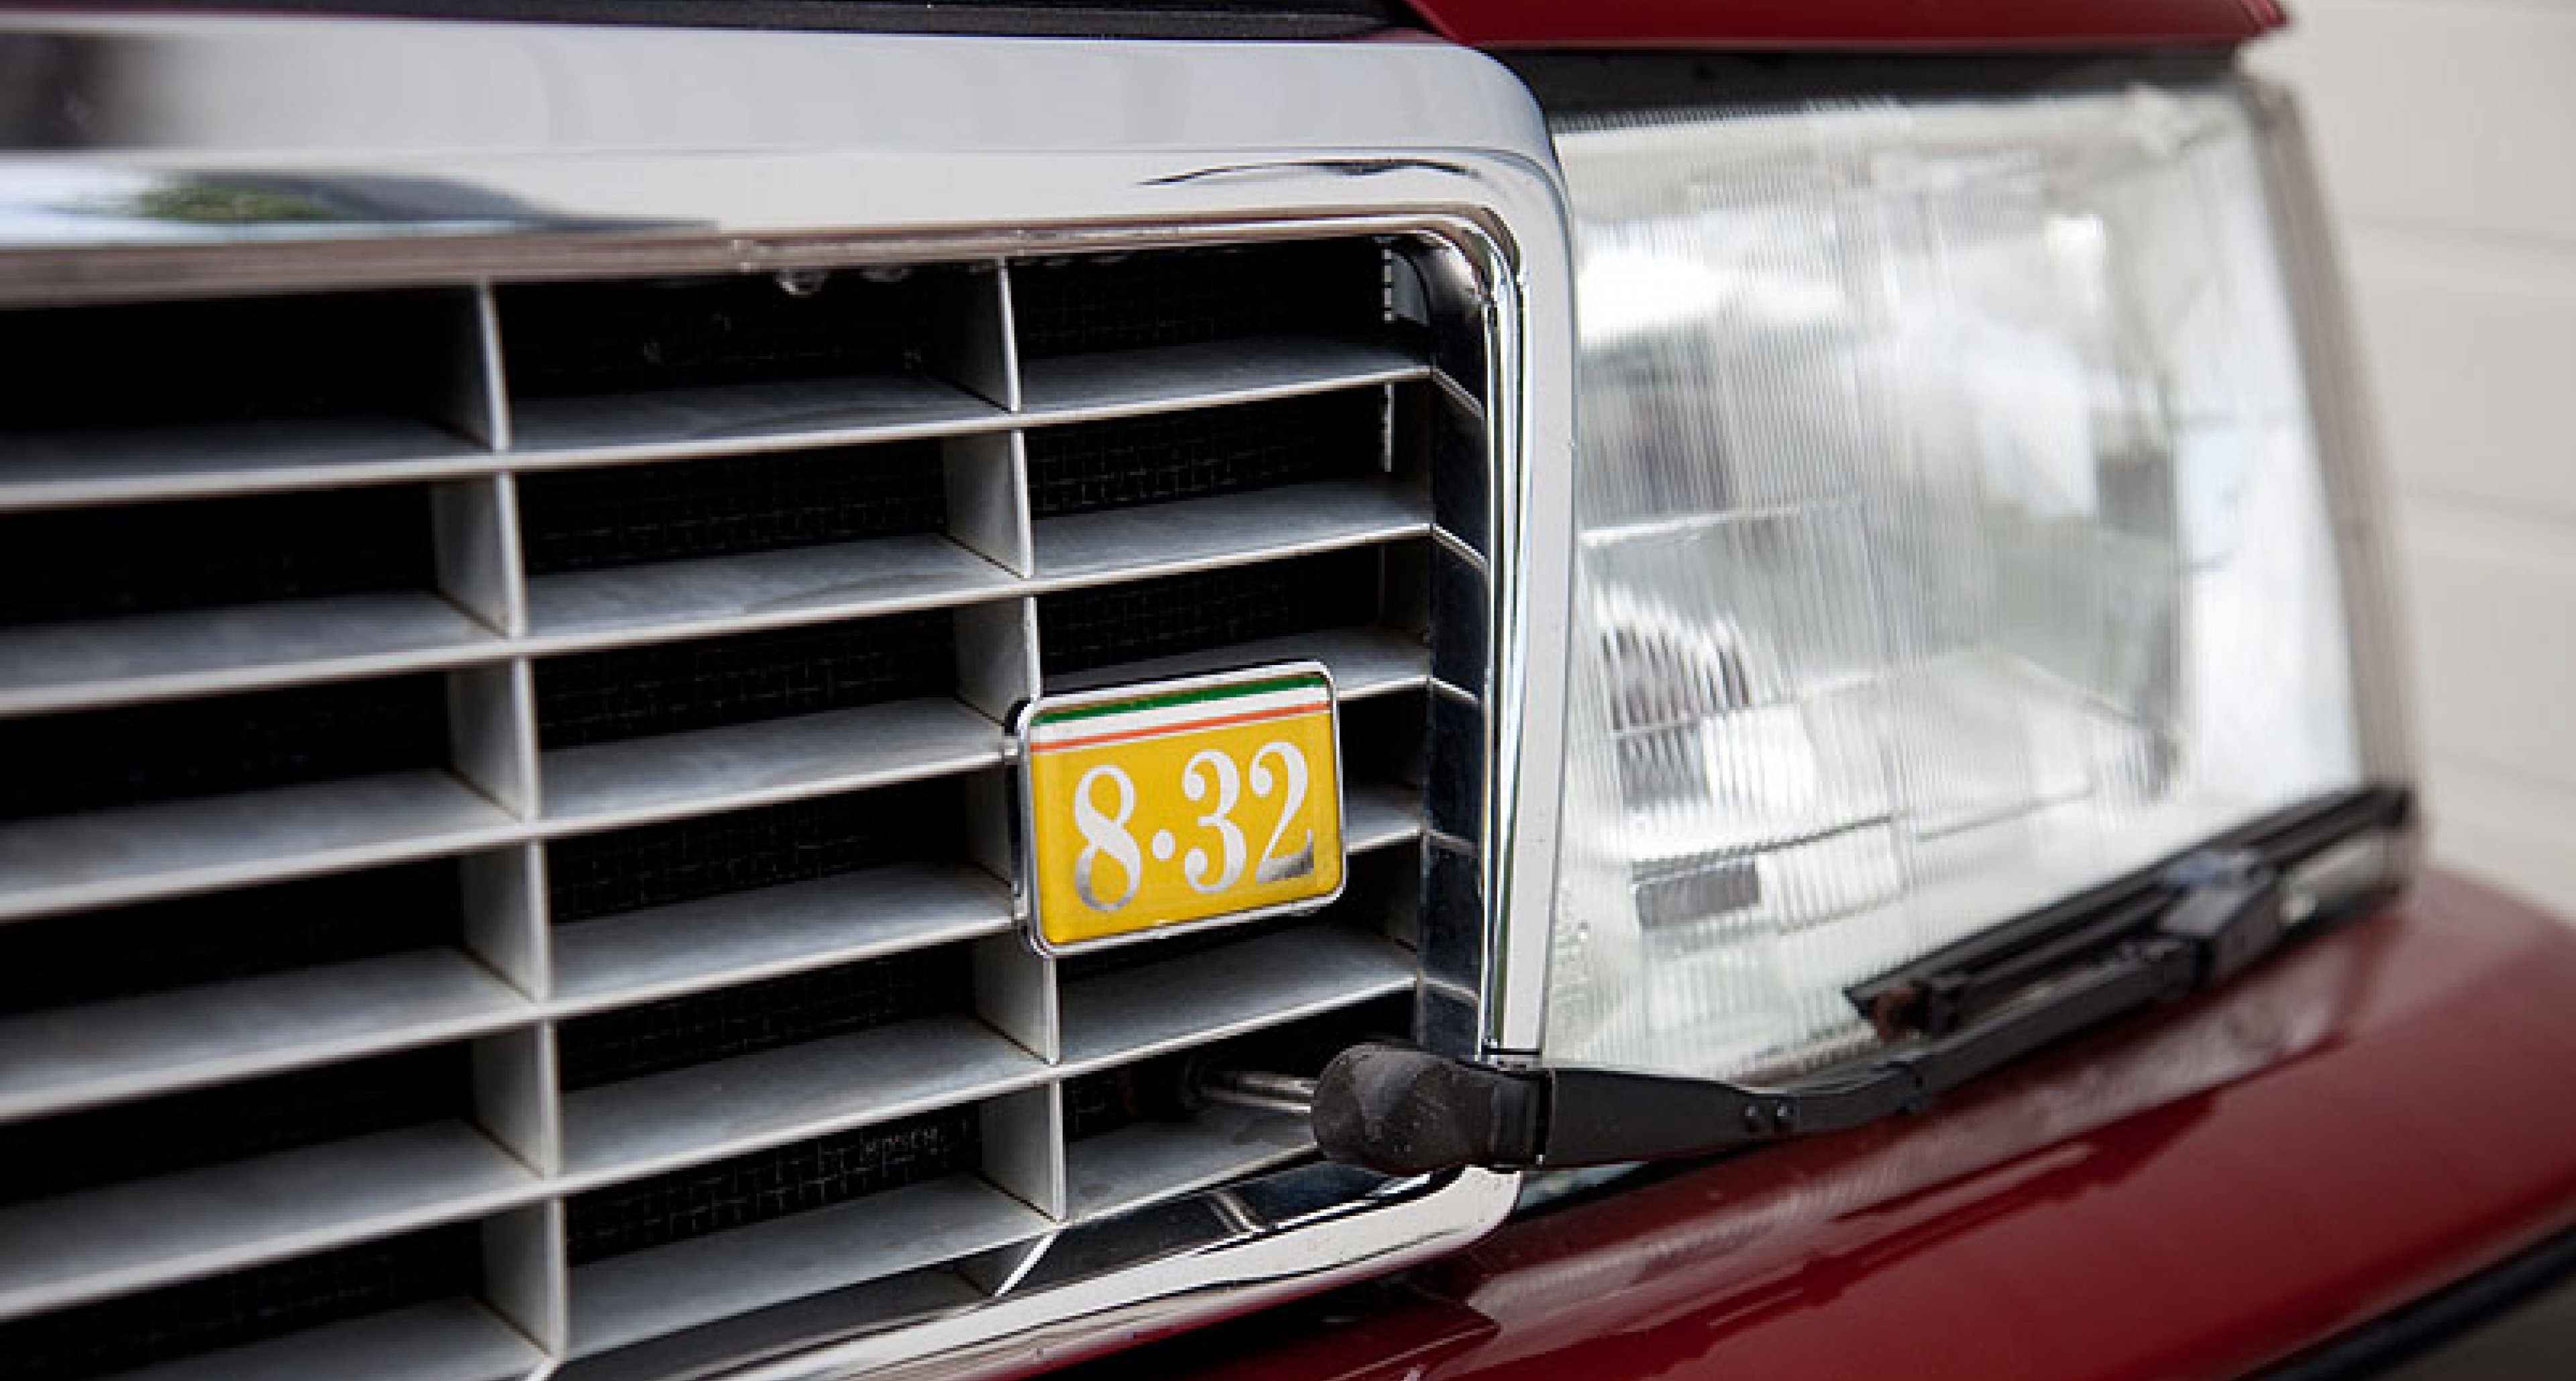 Lancia Thema 8.32